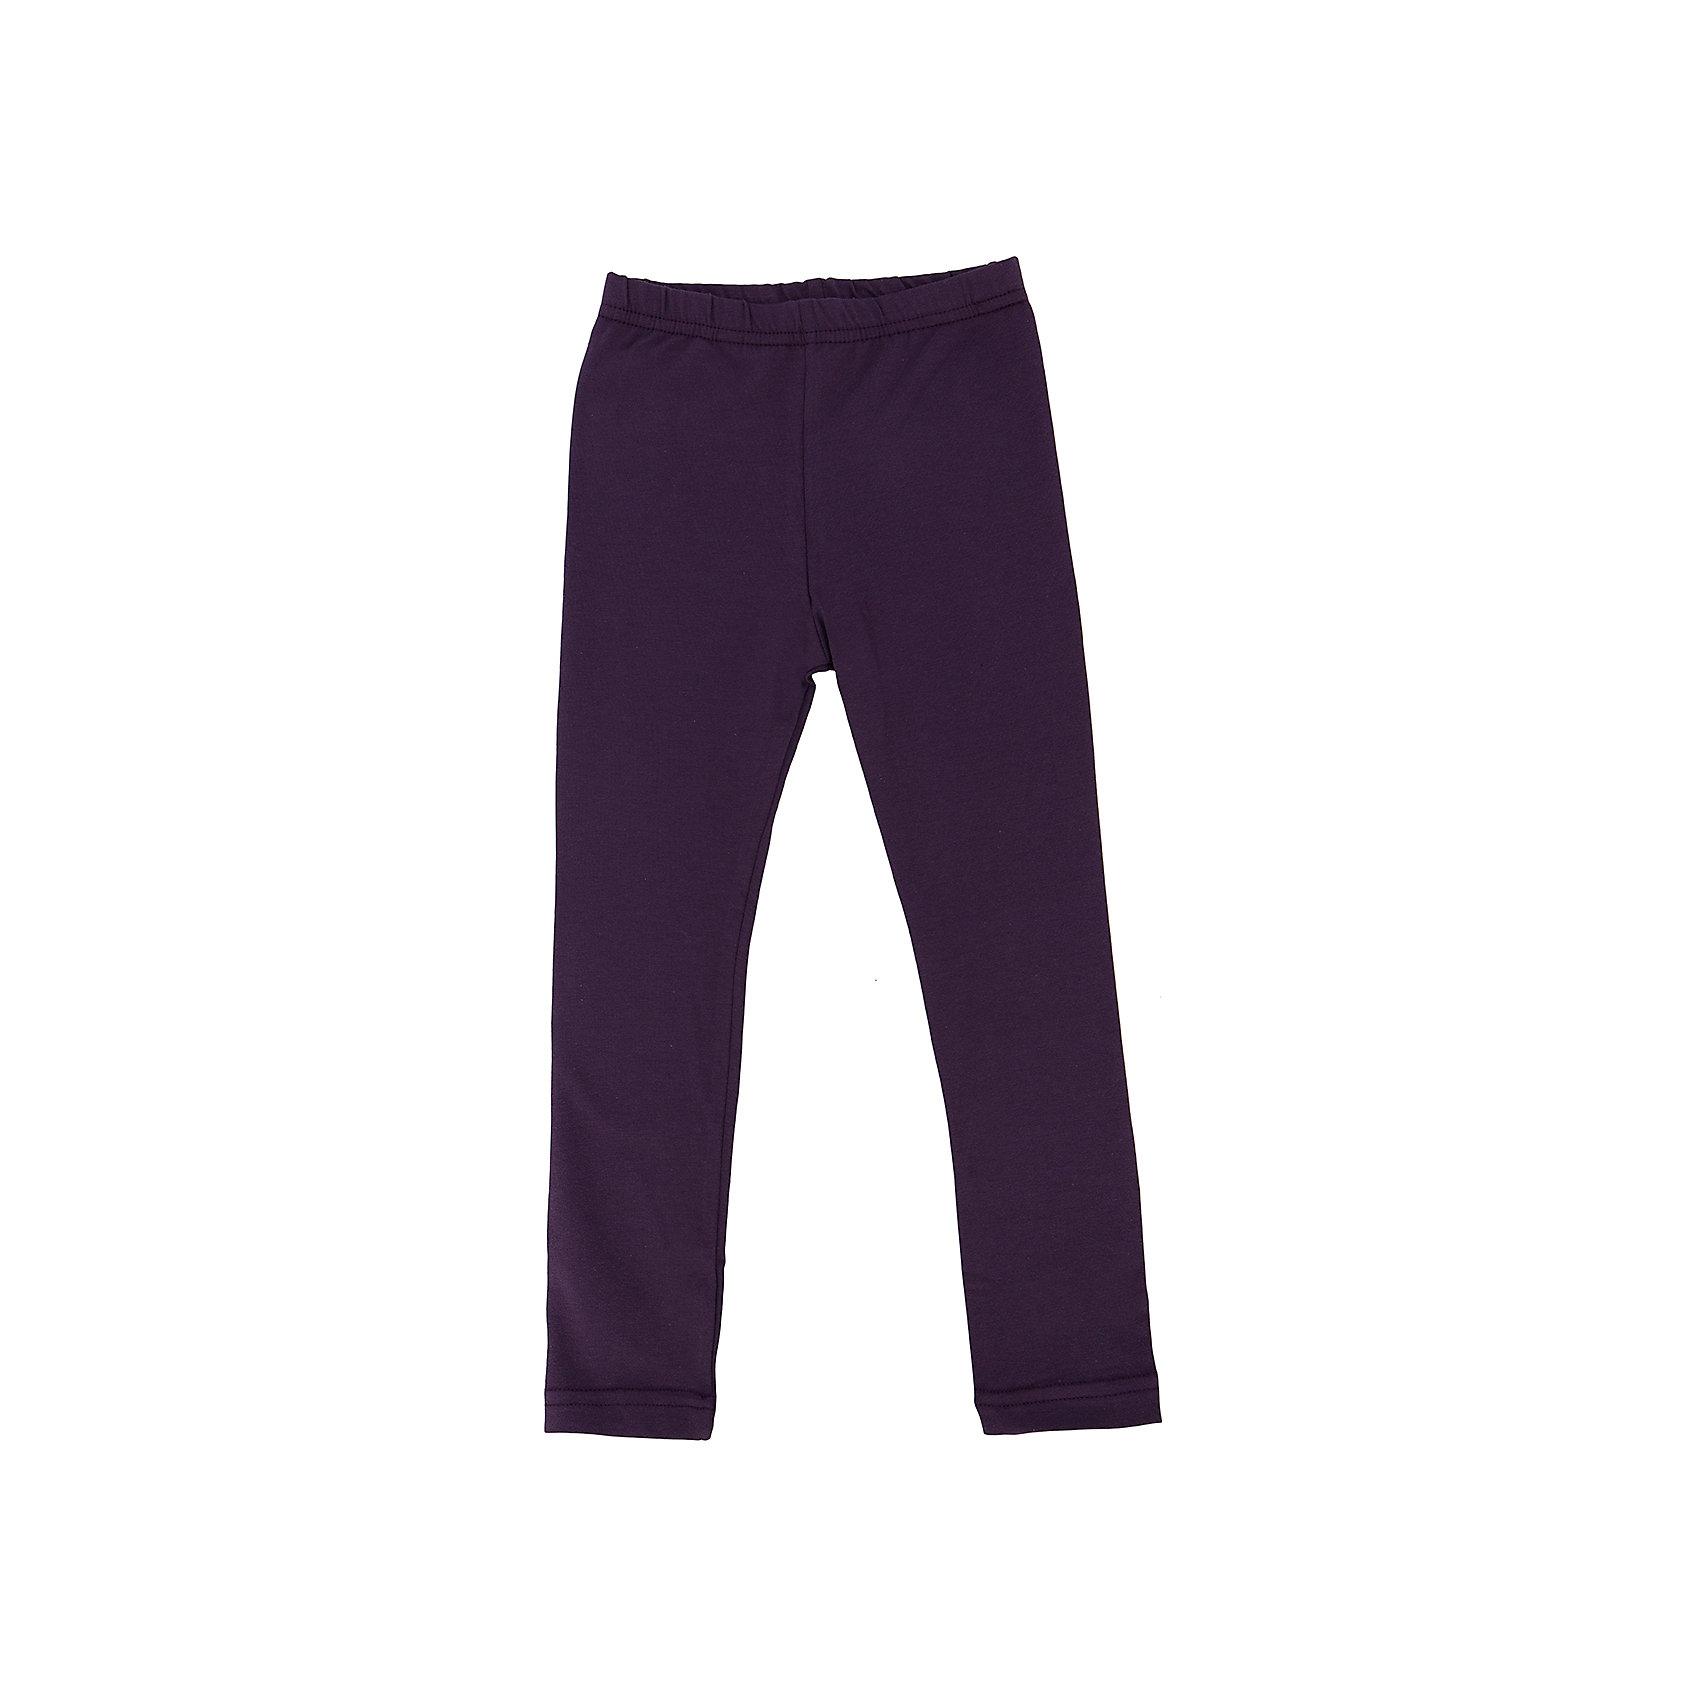 Леггинсы для девочки АпрельЛеггинсы от торговой марки Апрель выполнены из высококачественного материала, имеют фиолетовую расцветку. Модель облегающего фигуру кроя. Эластичный пояс для более комфортной посадки. Отличный вариант на каждый день.<br><br>Дополнительная информация: <br><br>- цвет: фиолетовый<br>- состав: хлопок 95%,лайкра 5%<br>- параметры брючин: ширина брючин - низ: 13 см; высота посадки: 13.5 см; длина по внутреннему шву: 28.5 см<br>- фактура материала: трикотажный<br>- тип посадки: средняя посадка<br>- тип карманов: без карманов<br>- по назначению: повседневный стиль<br>- сезон: круглогодичный<br>- пол: девочки<br>- фирма-производитель: Апрель<br>- страна производитель: Россия<br>- комплектация: леггинсы<br><br>Леггинсы для девочки торговой марки Апрель можно купить в нашем интернет-магазине.<br><br>Ширина мм: 123<br>Глубина мм: 10<br>Высота мм: 149<br>Вес г: 209<br>Цвет: разноцветный<br>Возраст от месяцев: 24<br>Возраст до месяцев: 36<br>Пол: Женский<br>Возраст: Детский<br>Размер: 98,110,116,128,92,122,104<br>SKU: 4630776